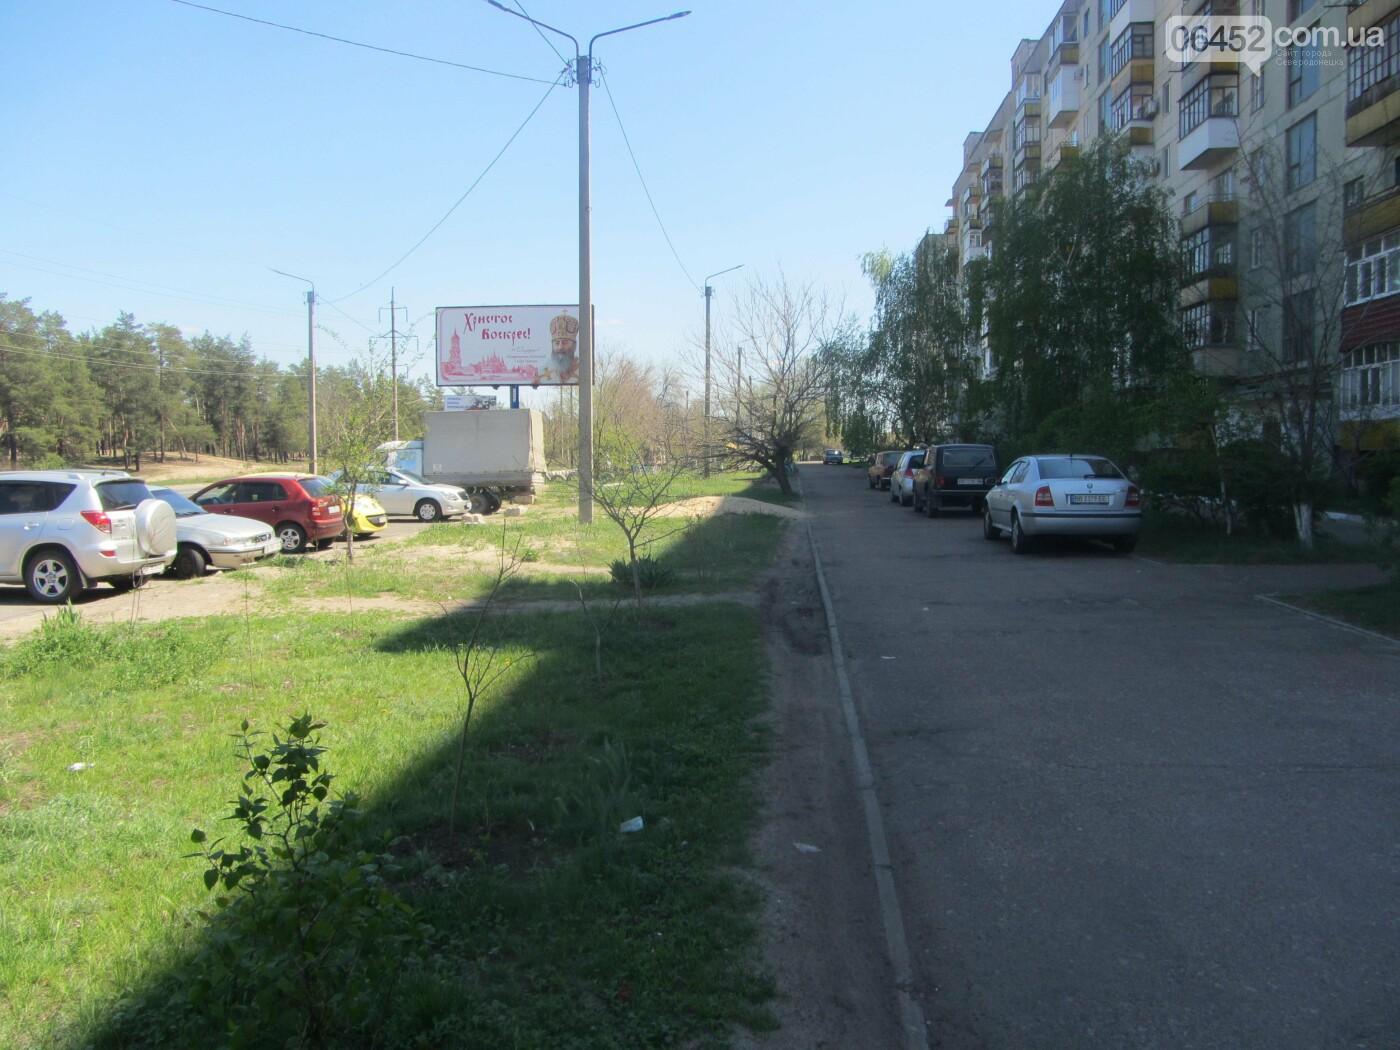 В Северодонецке предлагают увеличить количество парковочных мест за счёт газонов, 06452.com.ua